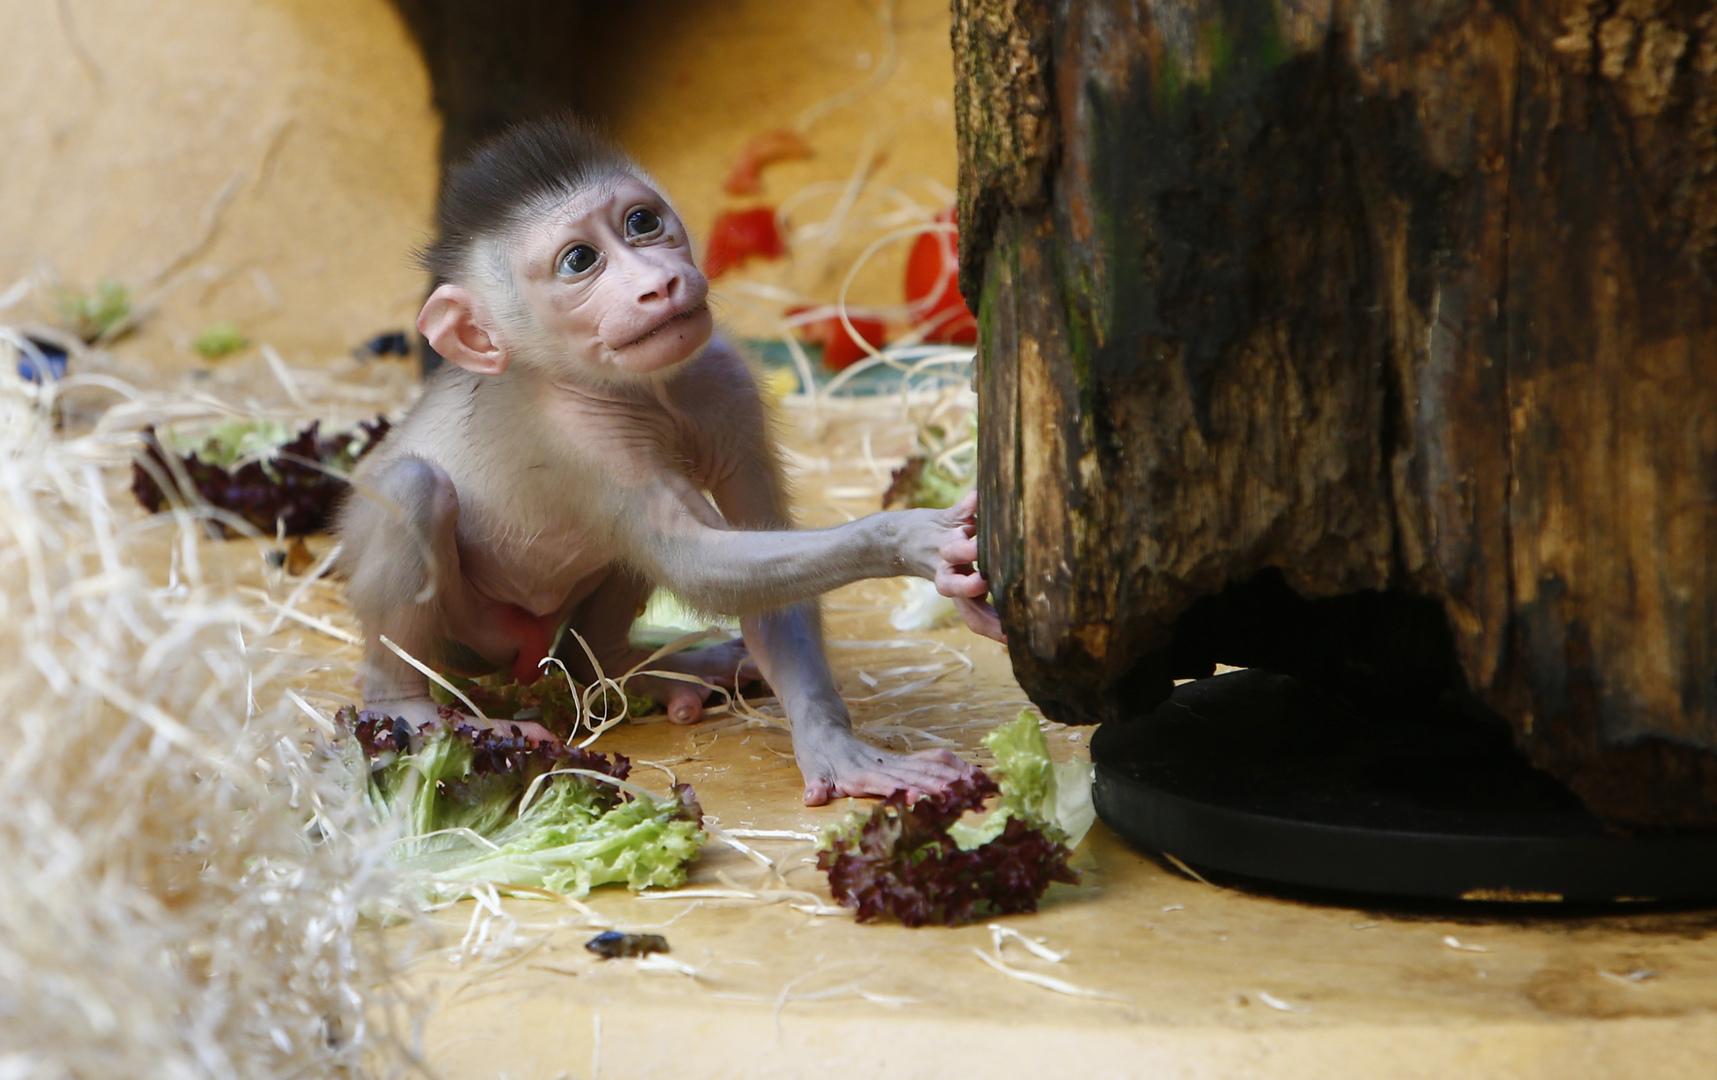 مأساة في حديقة حيوانات بألمانيا ليلة رأس السنة!